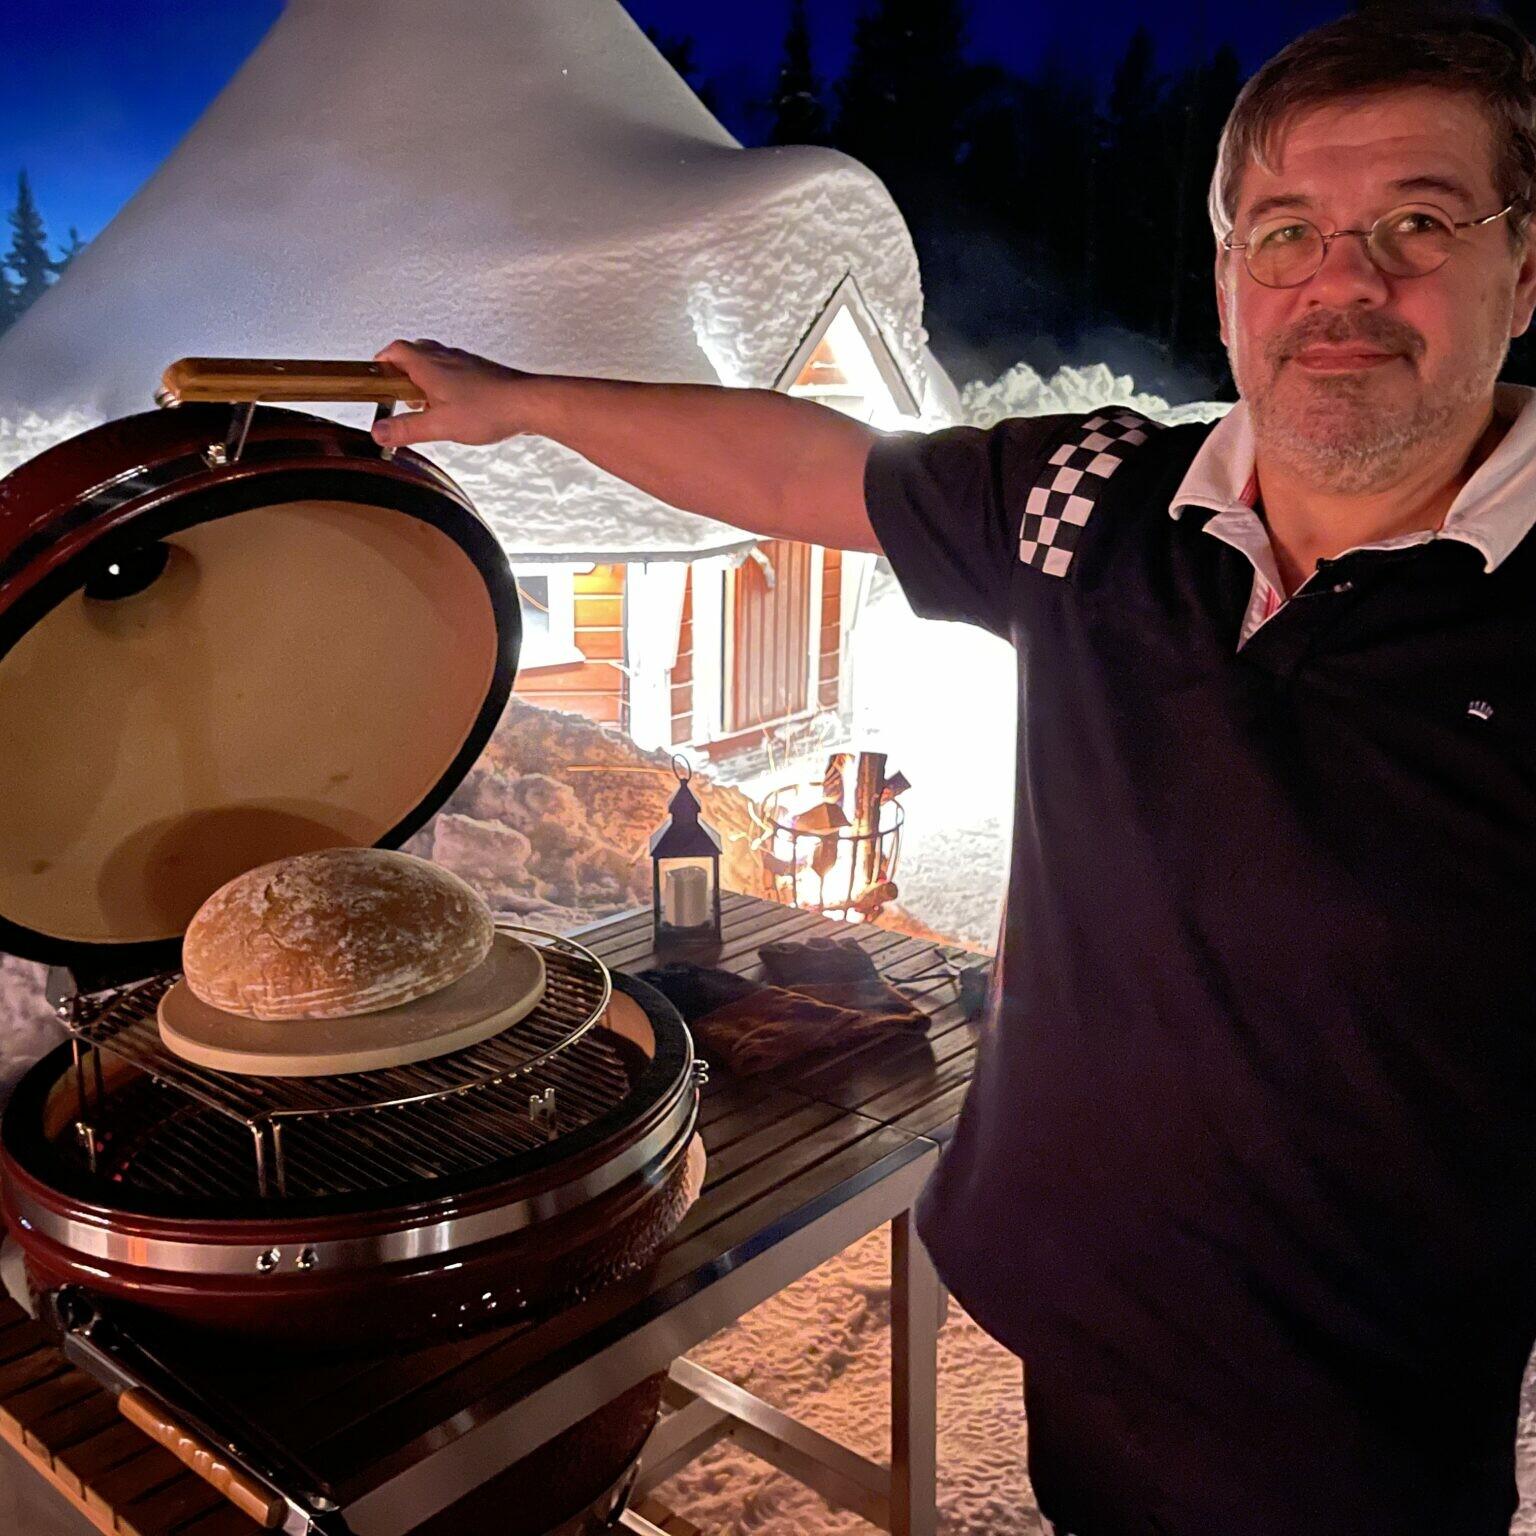 Keramikgrill Ostern Backen